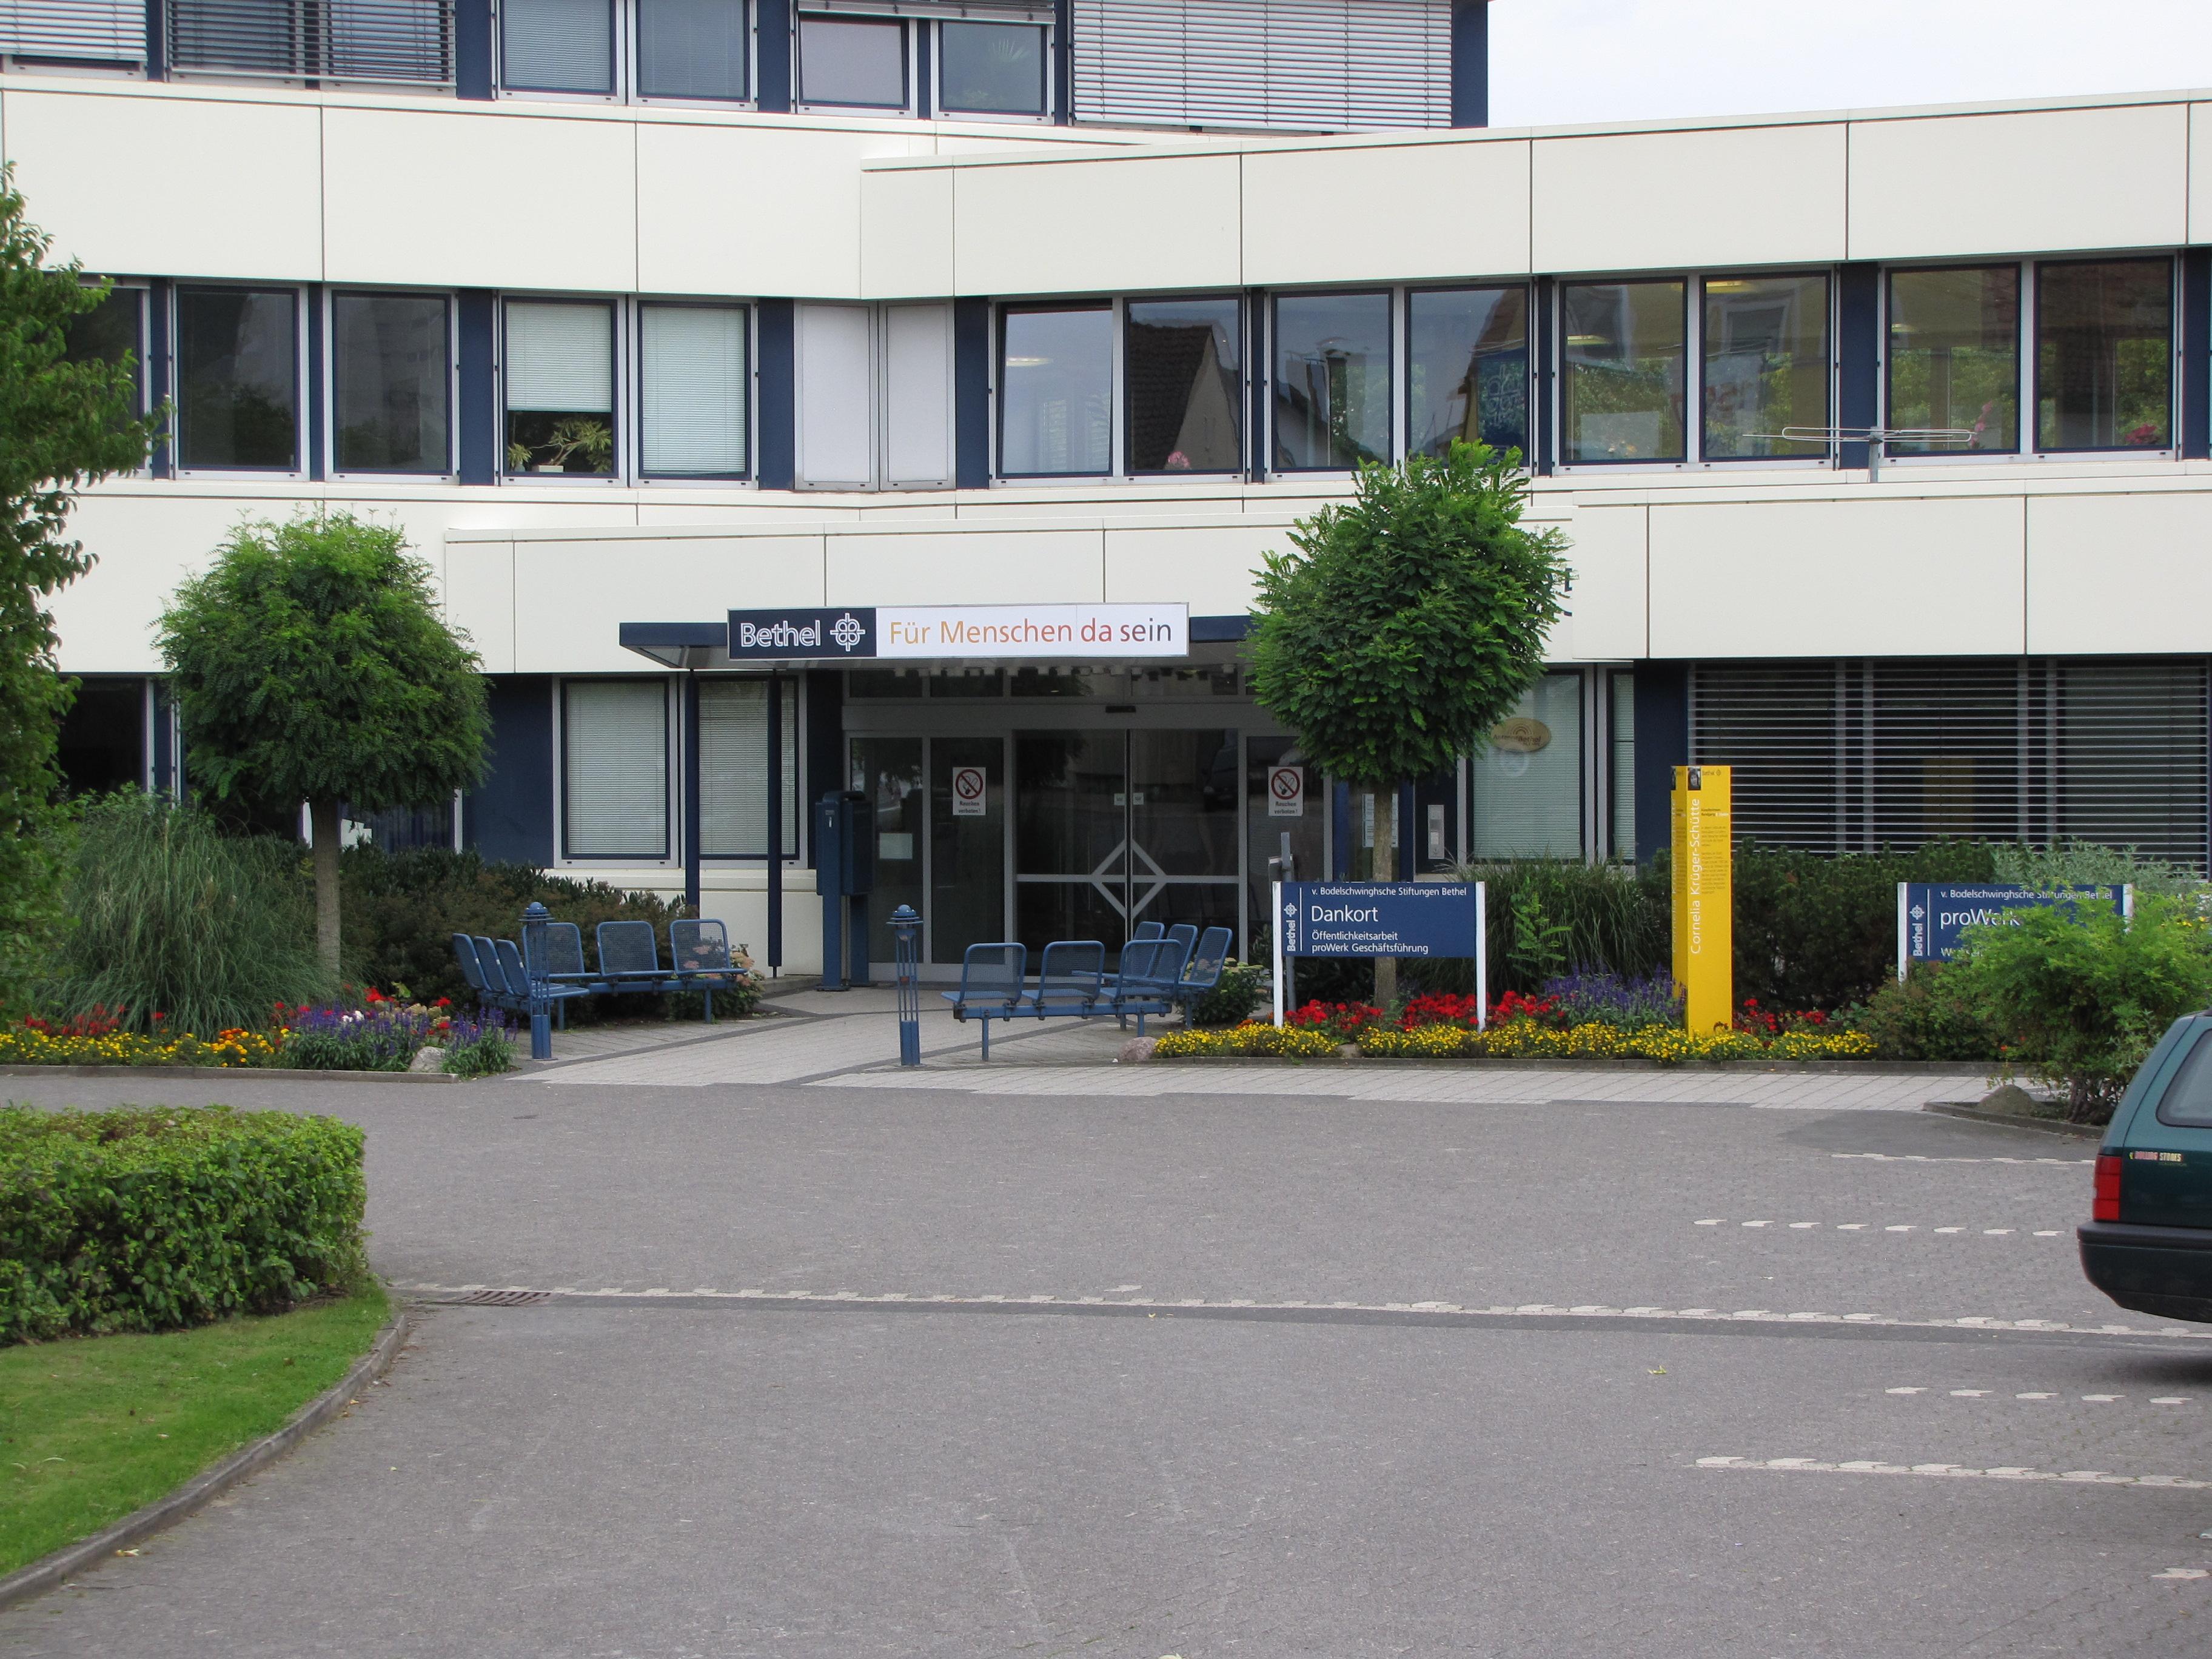 Bethel Bielefeld Bodelschwingsche Anstalten Bielefeld NRW (16)